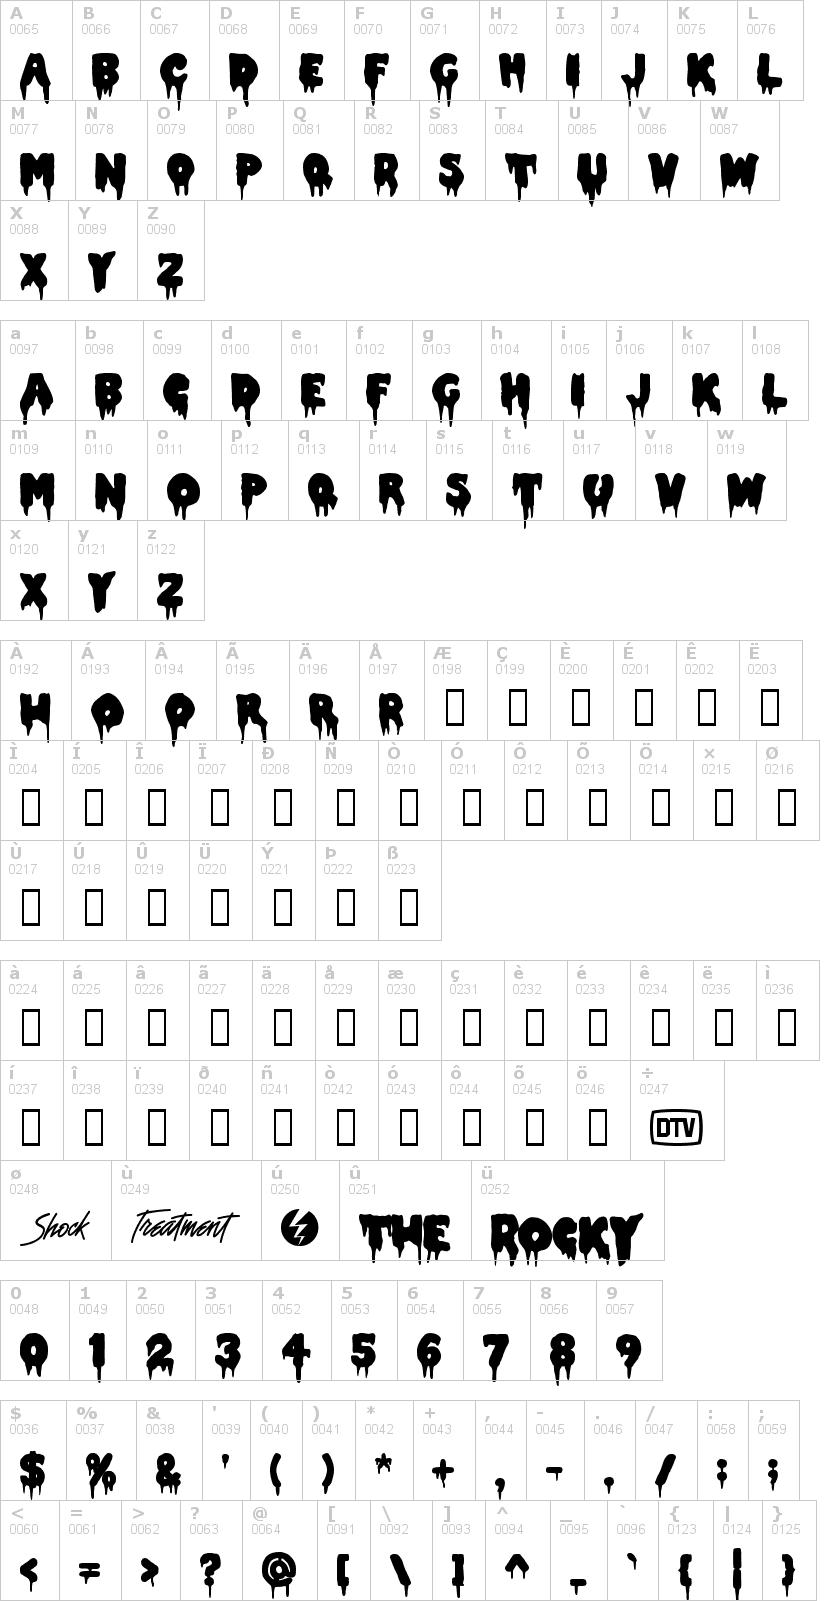 Lettere dell'alfabeto del font double-feature con le quali è possibile realizzare adesivi prespaziati